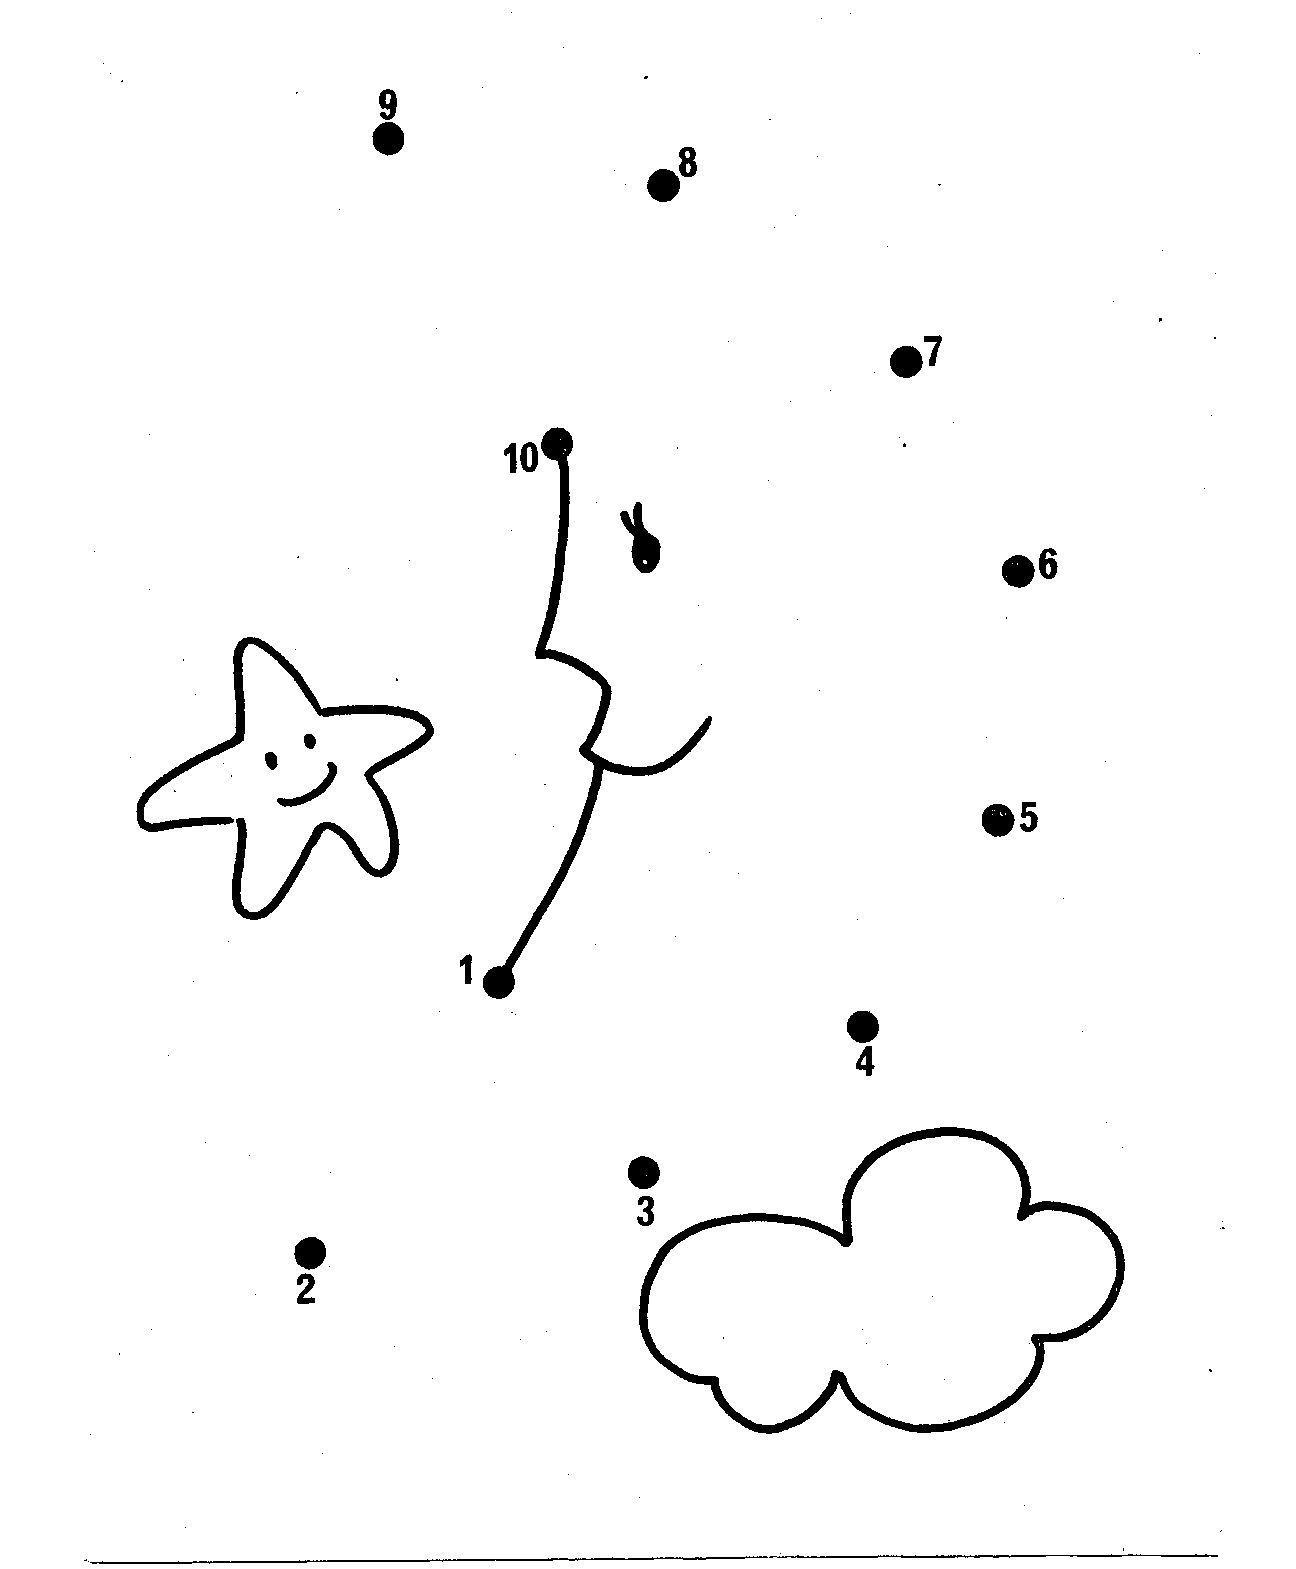 Verbinden Zahlen Mondmond Zahlen Verbinden Activiteiten Kleurboek Werkjes